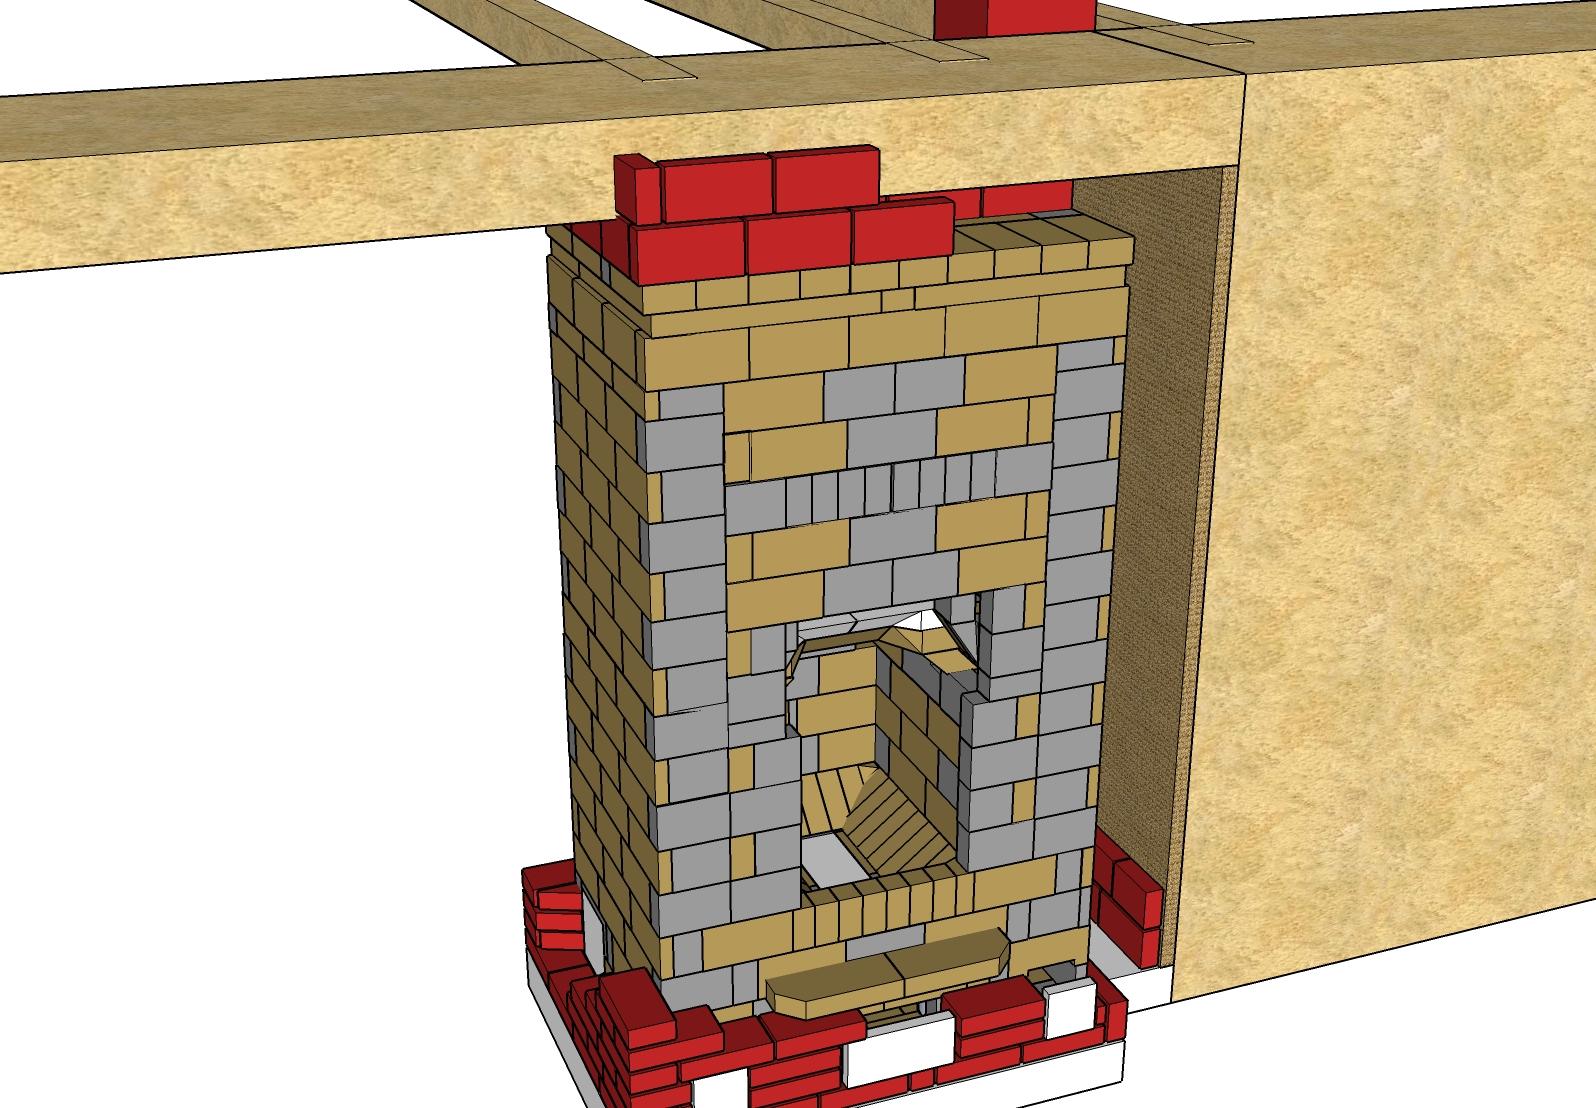 Peut On Installer Un Poele A Bois Soi Meme auto-construction avec plans d'un poêle de masse maçonné de